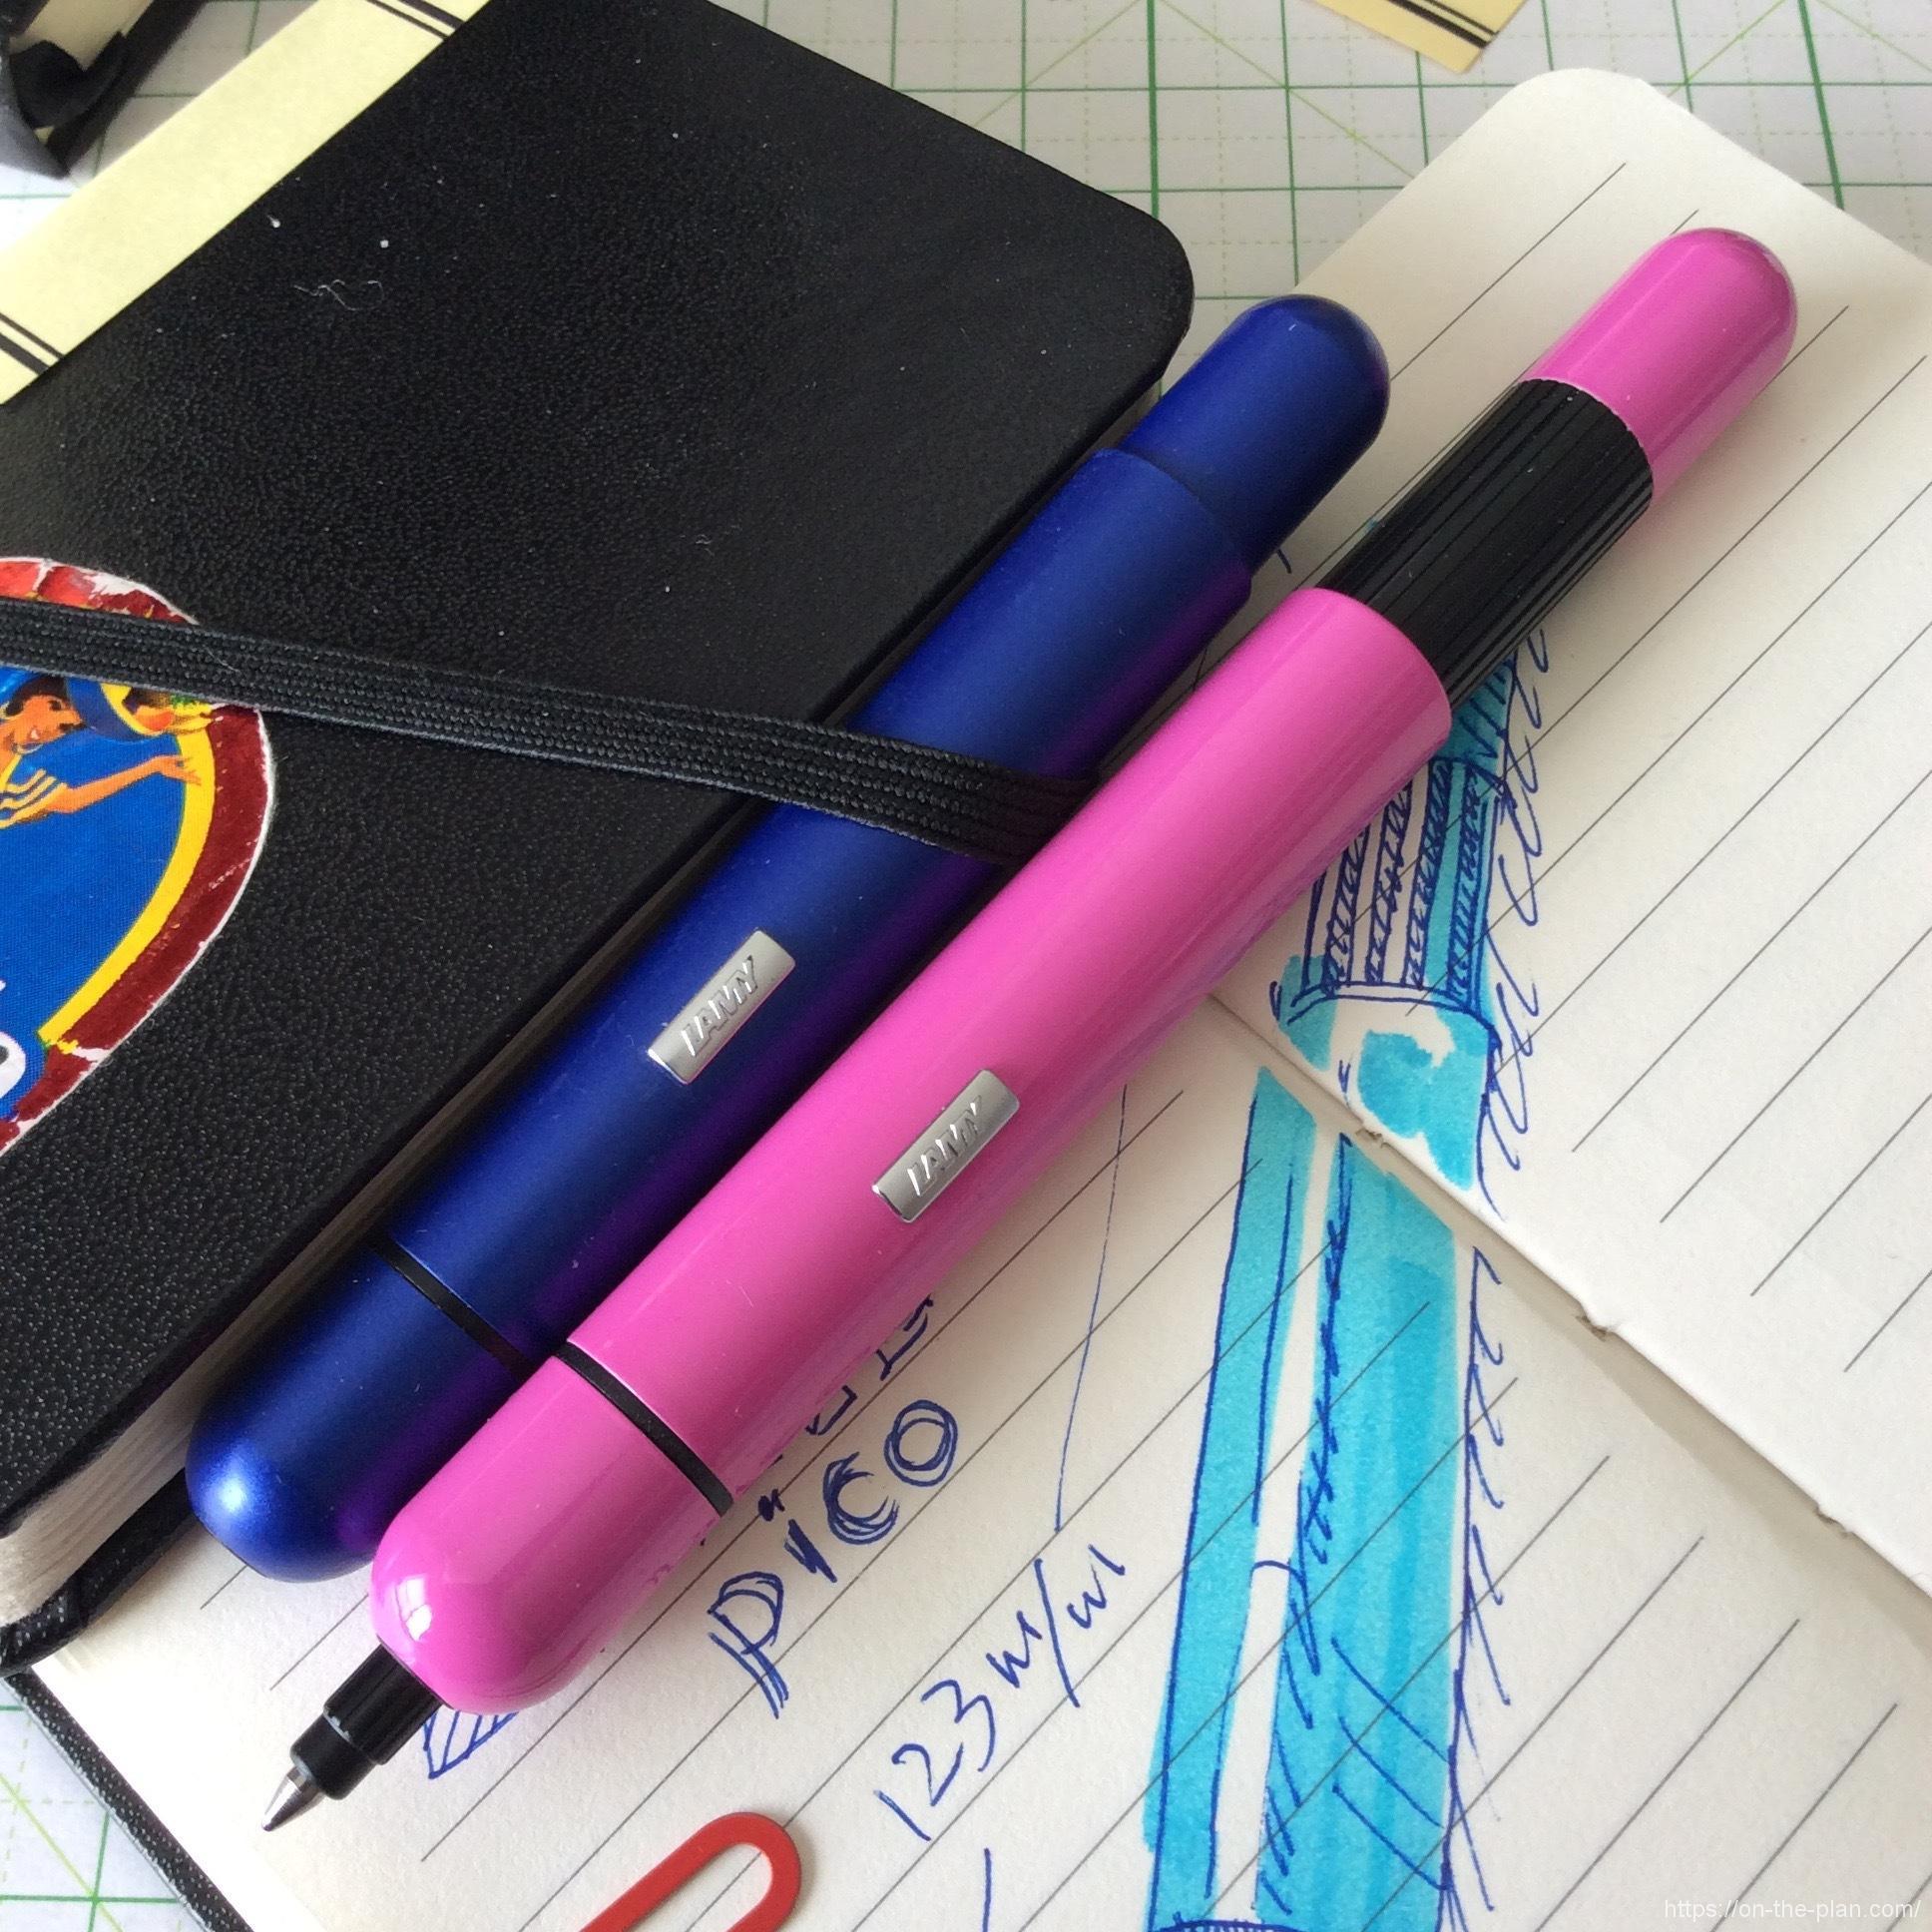 愛用のぺんてる蛍光ペンもプッシュ式。このブルーで影をつけて遊んでいます。